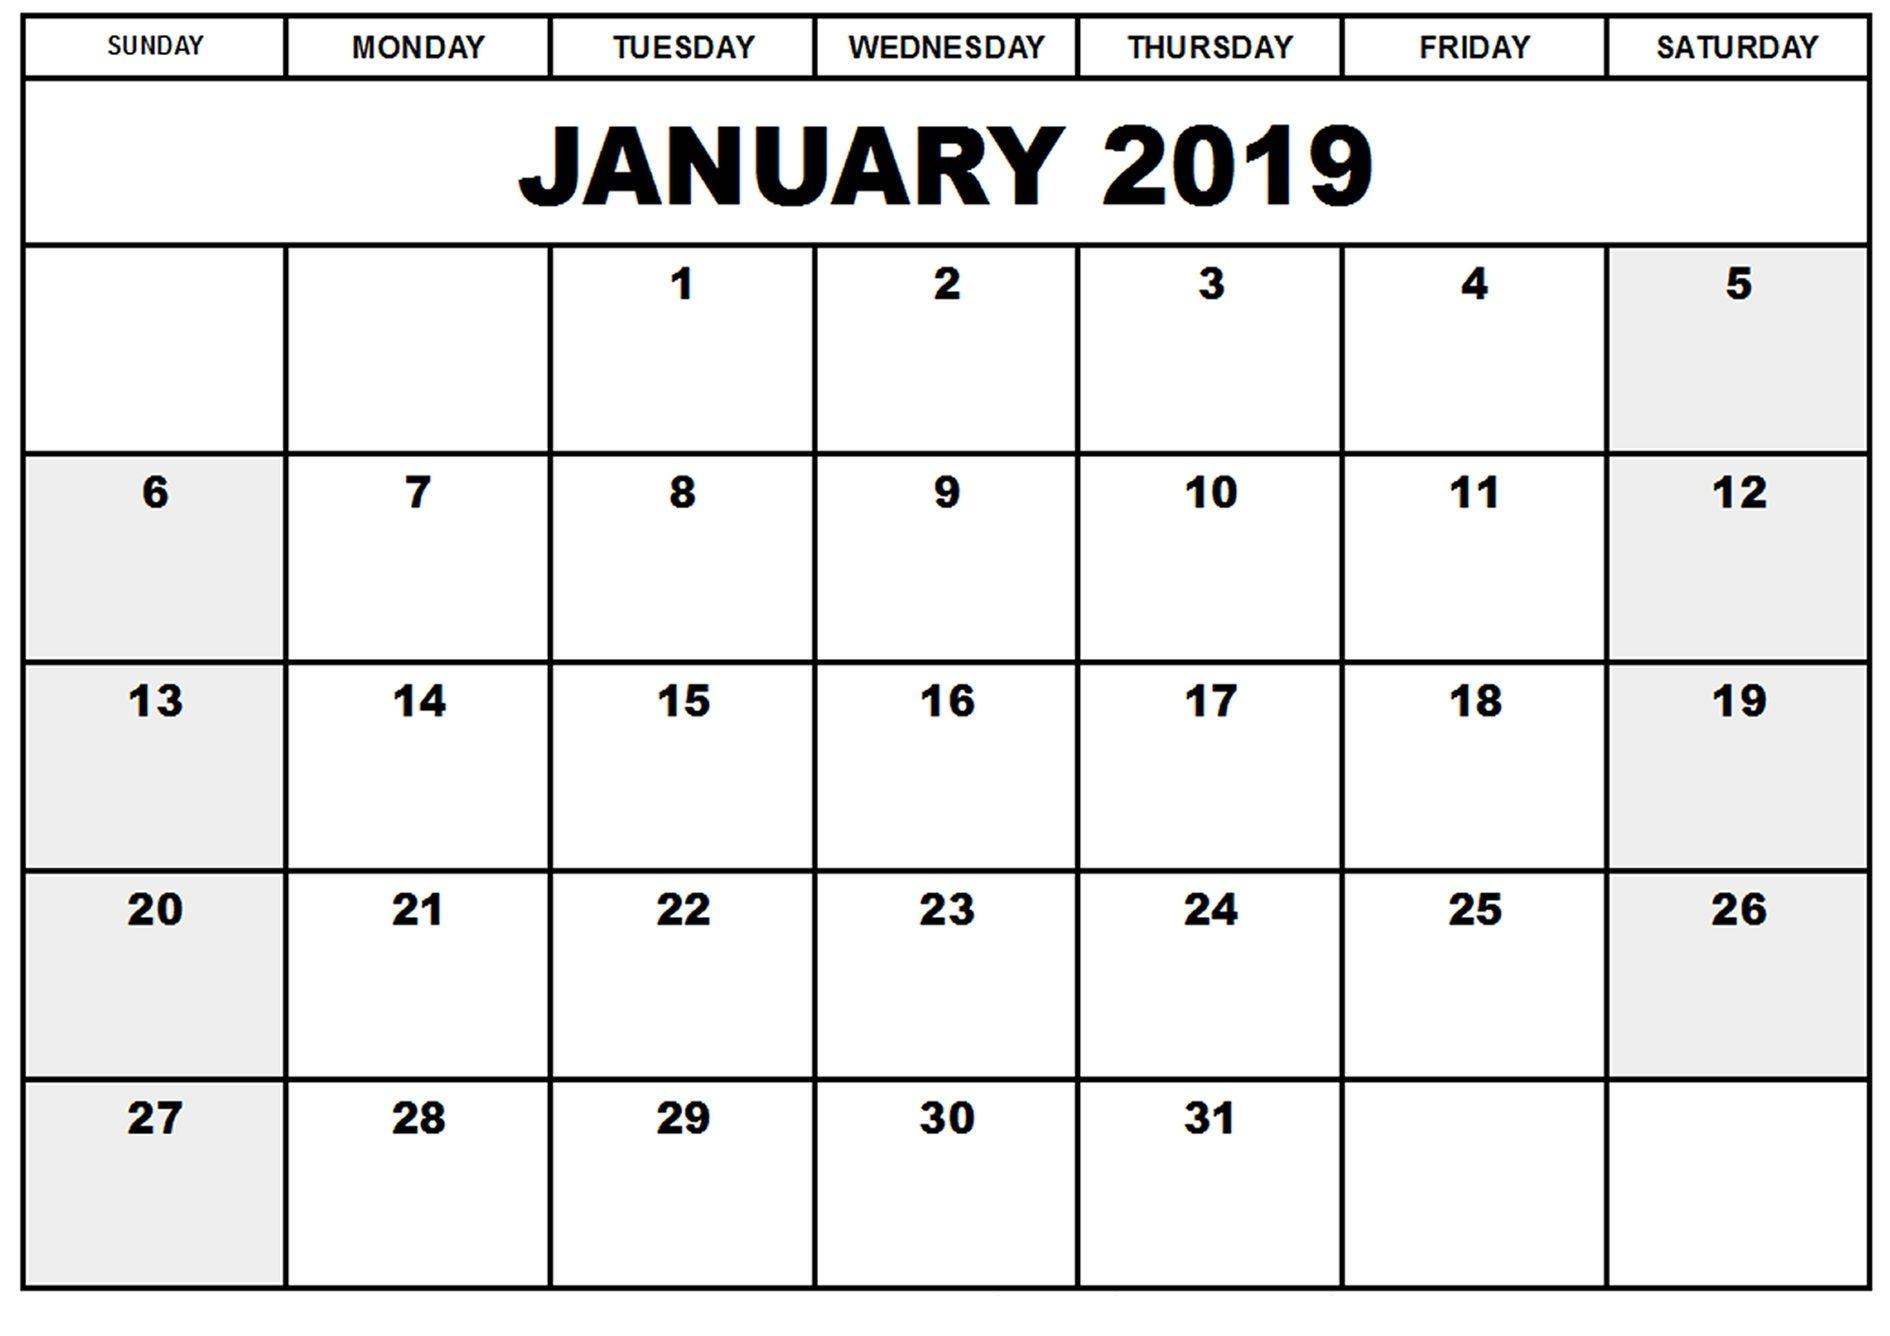 2019 january calendar word document